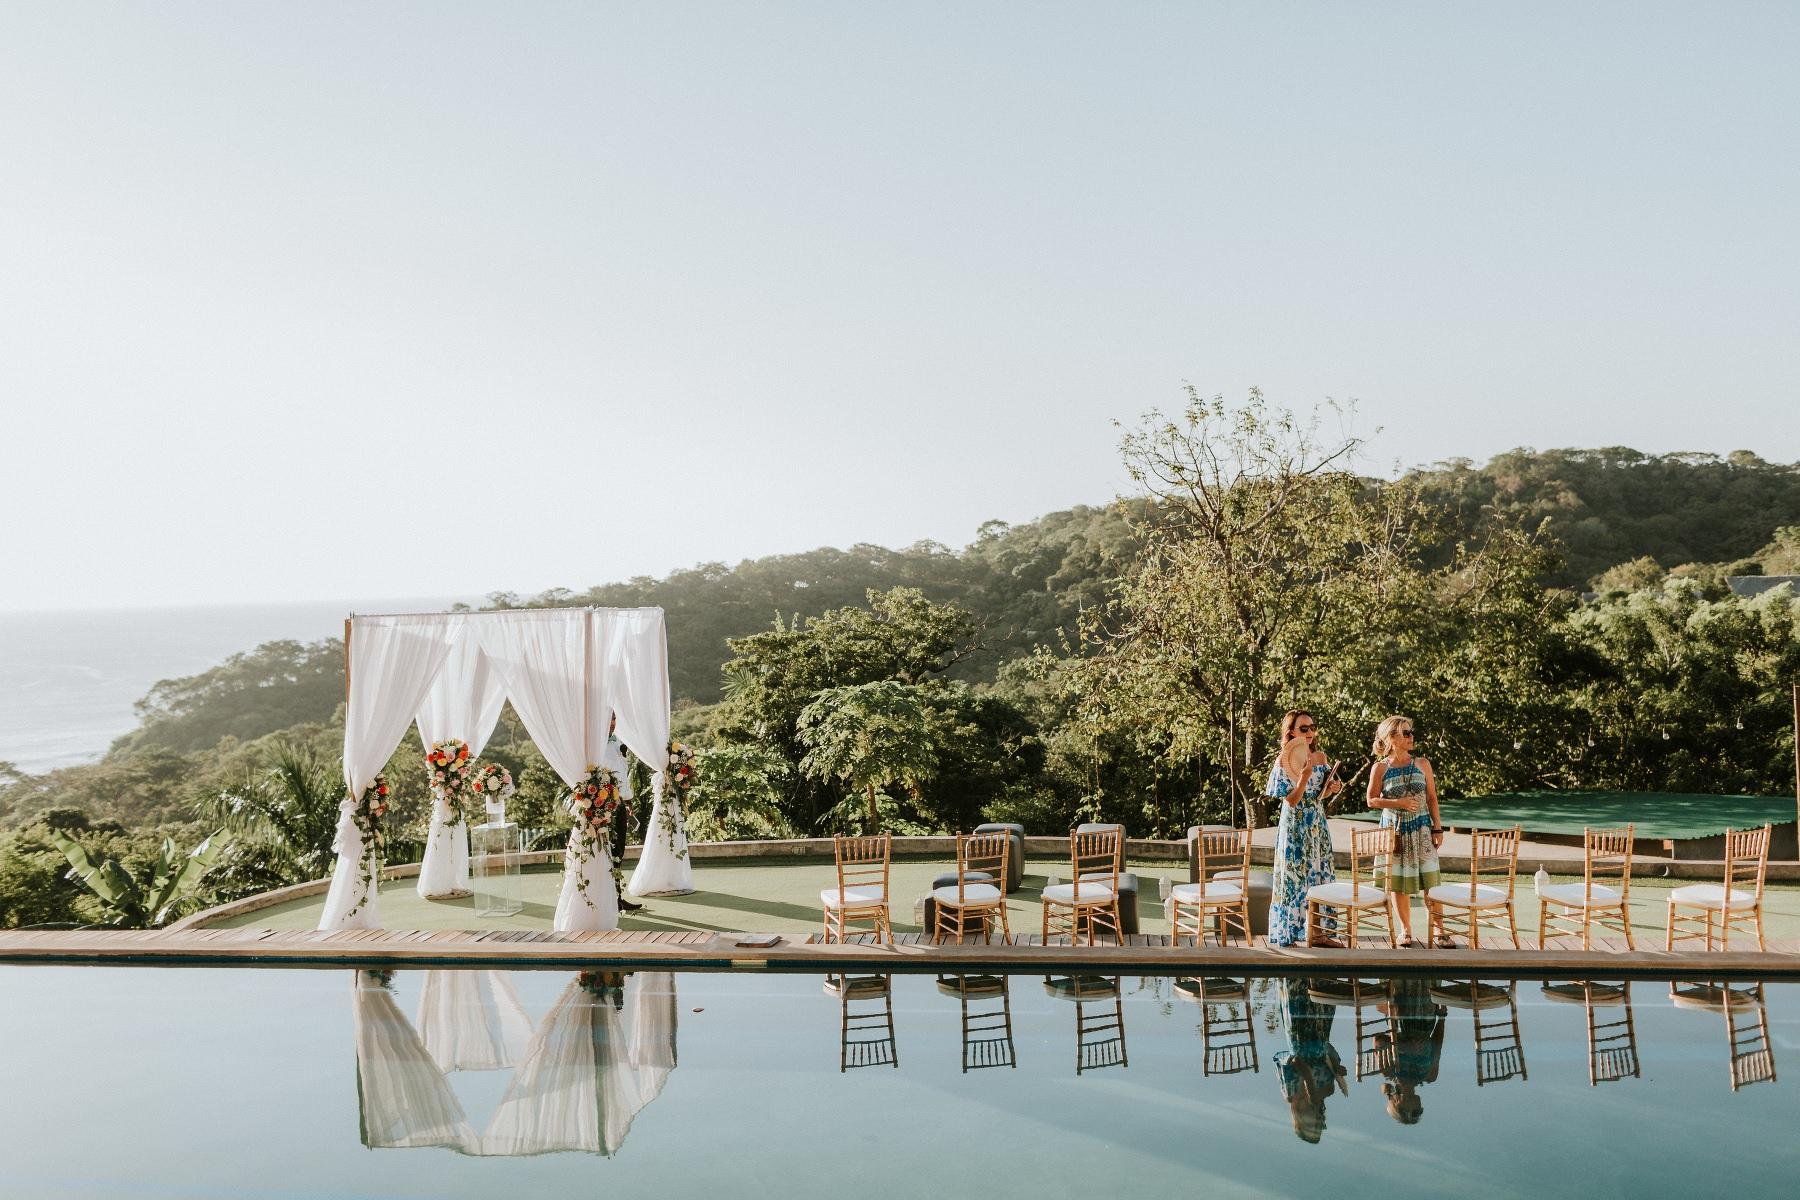 Wedding venues in San Juan Nicaragua